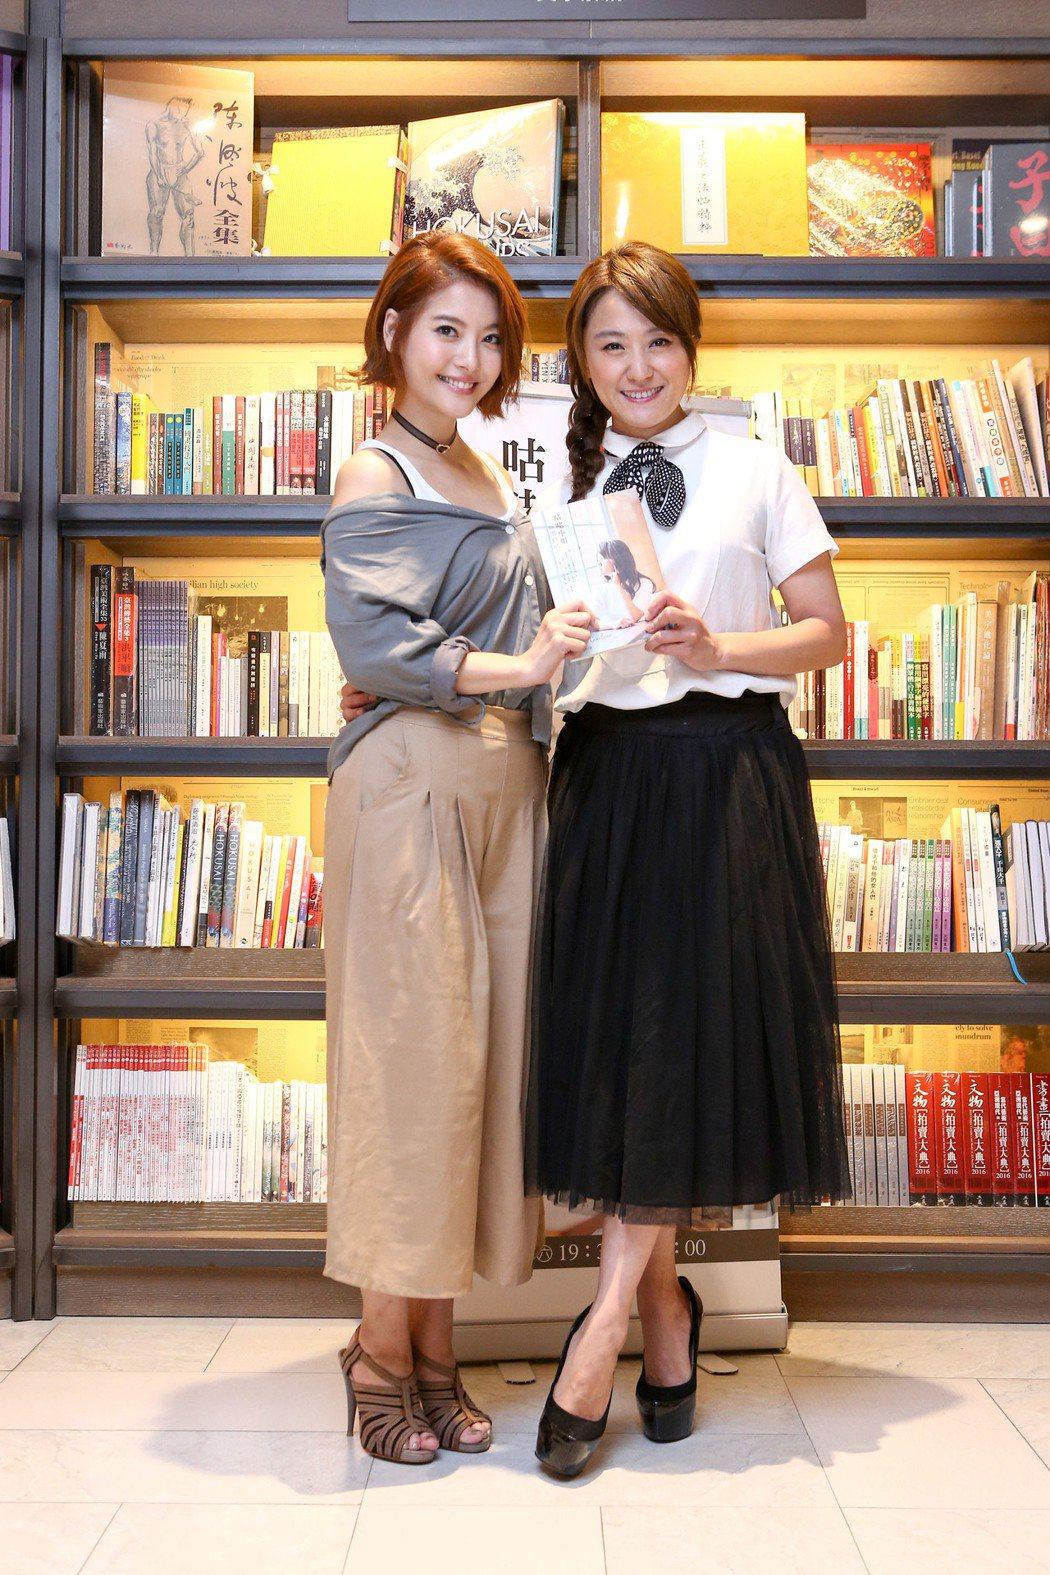 海裕芬(右)出新書,好友王樂妍獻上猛男秀。圖/台灣角川提供